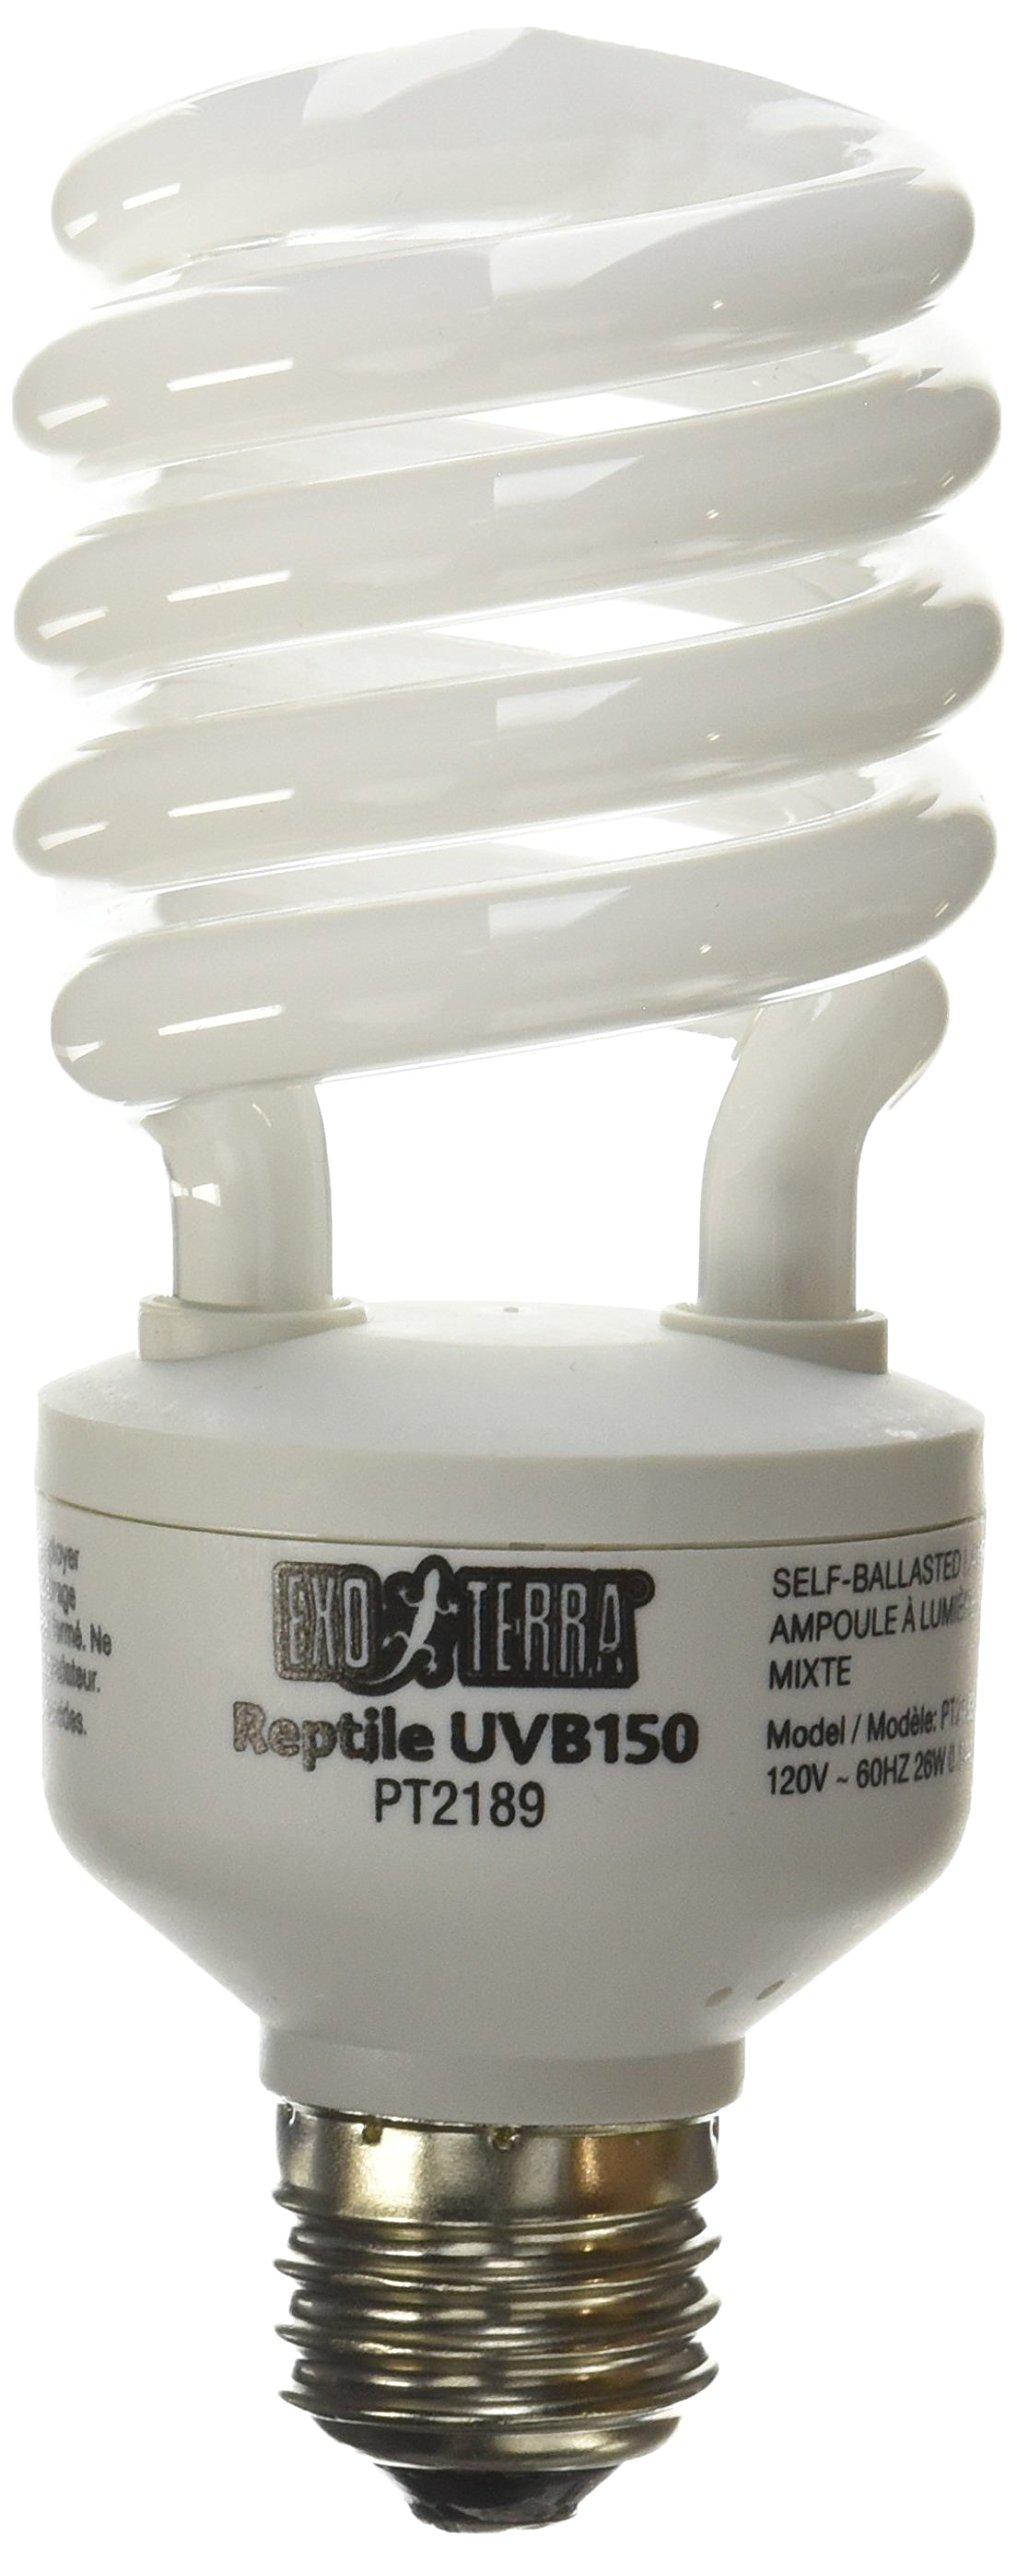 Exo Terra Repti-Glo 10.0 Compact Fluorescent Desert Terrarium Lamp, 26-Watt